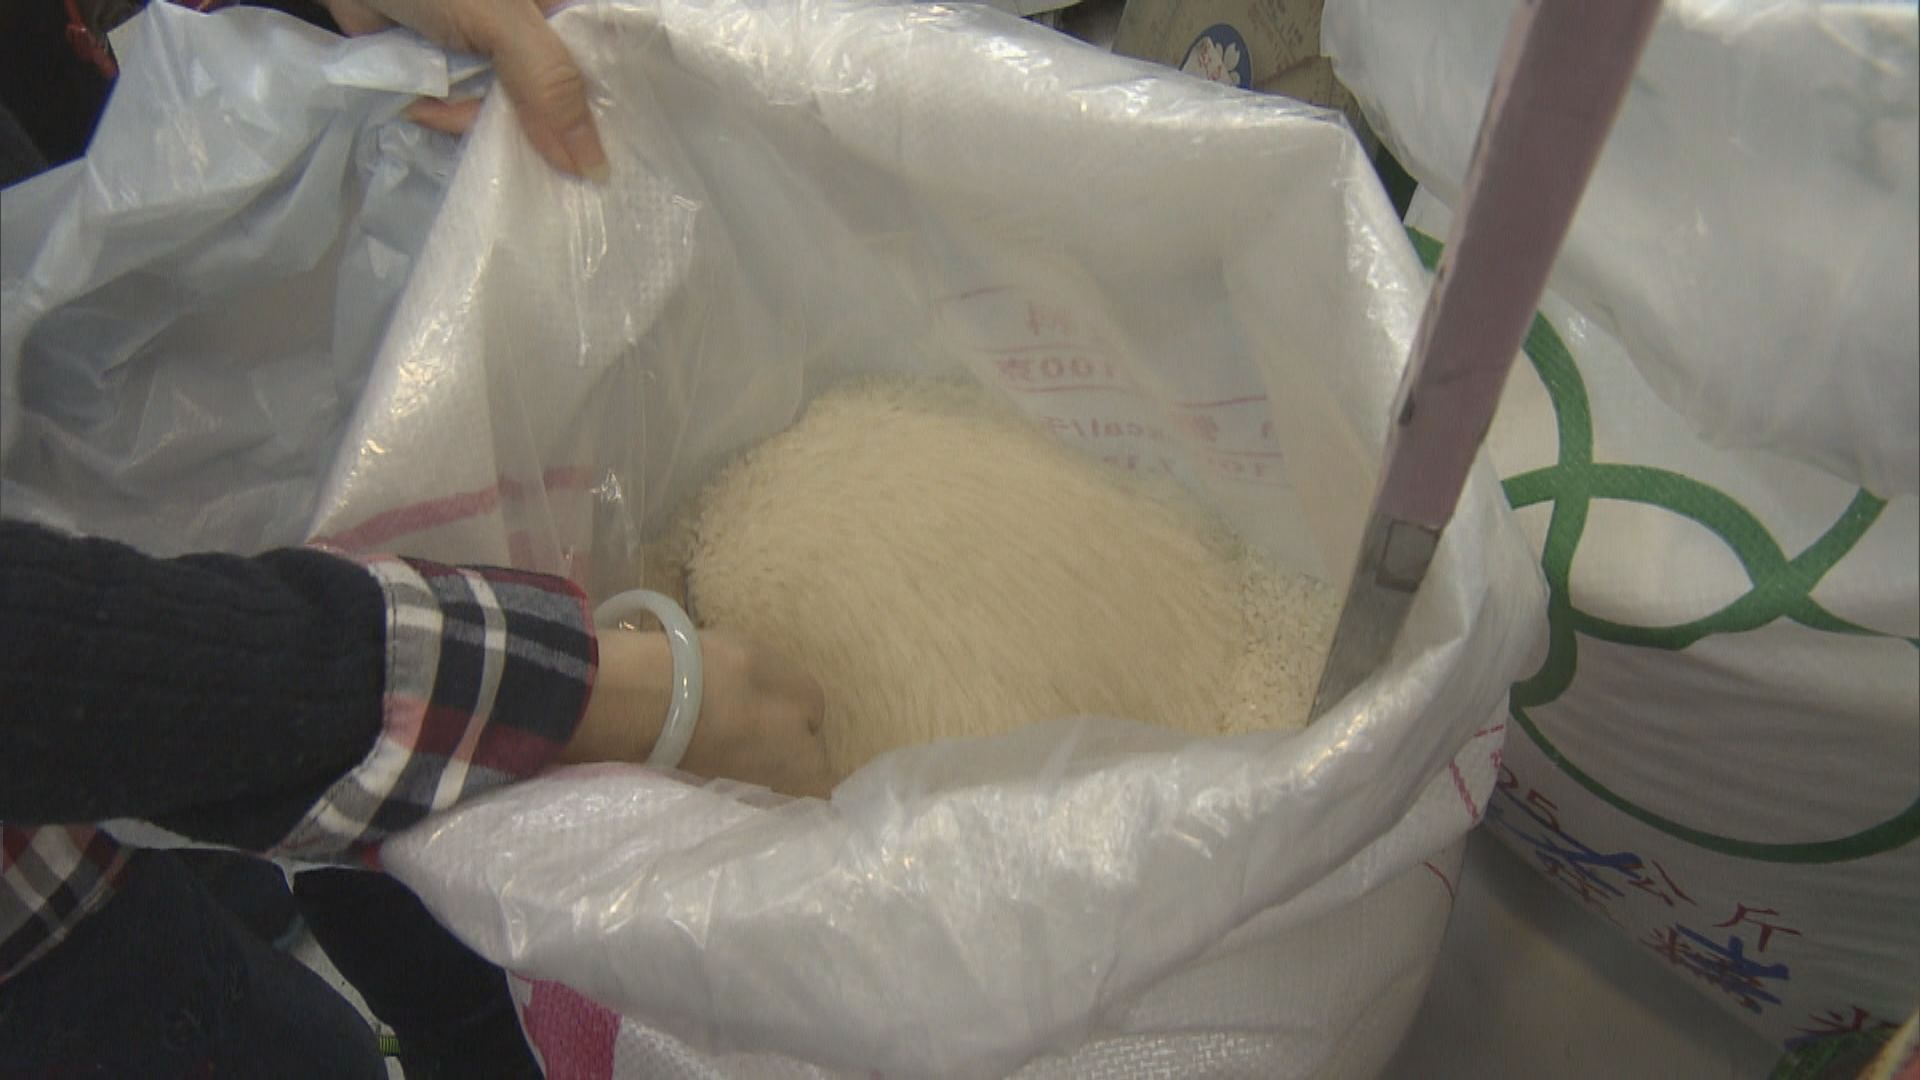 【網上傳聞】米行商會:米存量足夠全港食用一個月